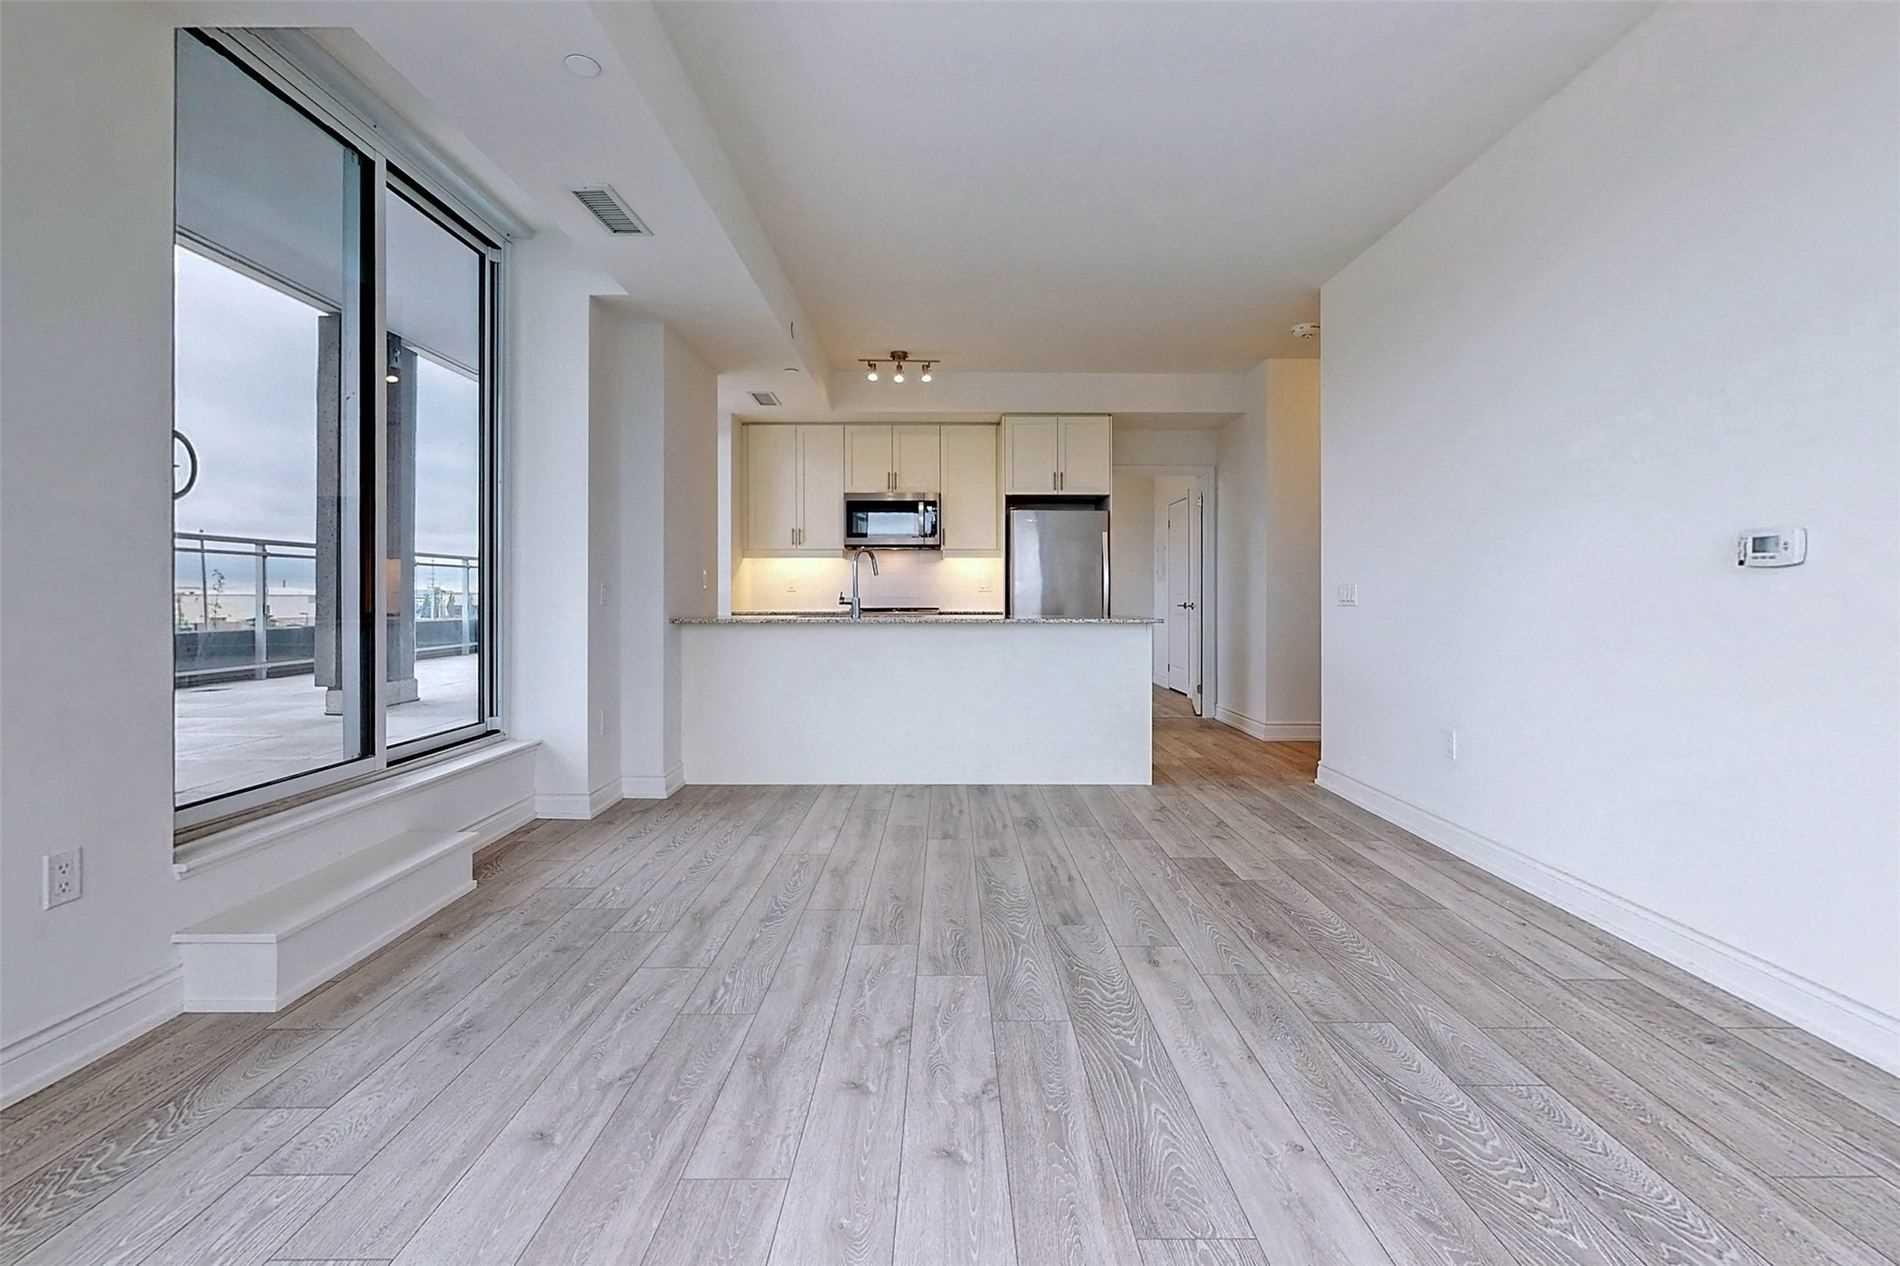 221 - 1050 Main St E - Dempsey Condo Apt for sale, 3 Bedrooms (W5398557) - #13